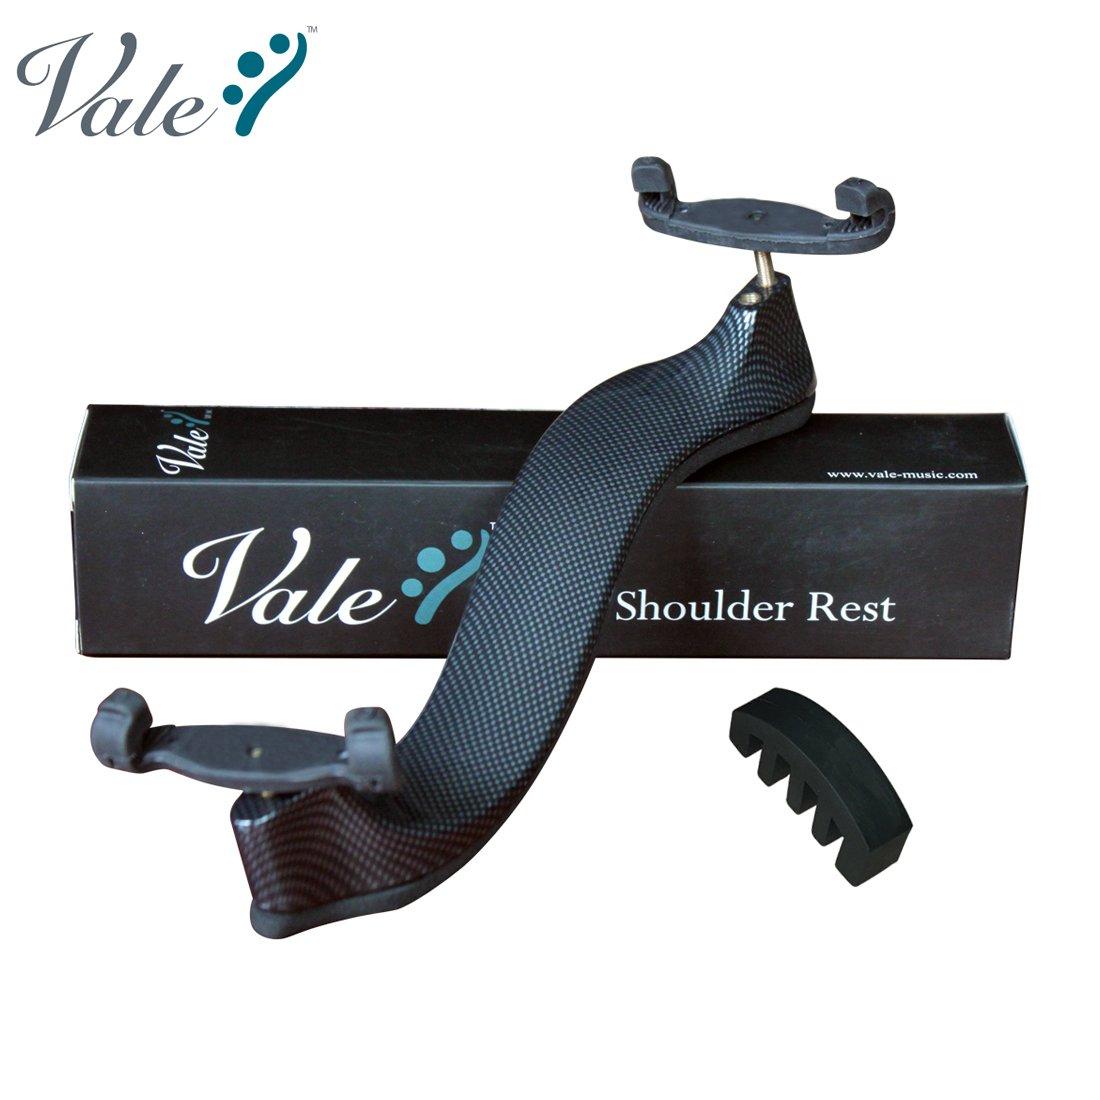 VALE Adjustable Violin Shoulder Rest with Free Violin Mute - White